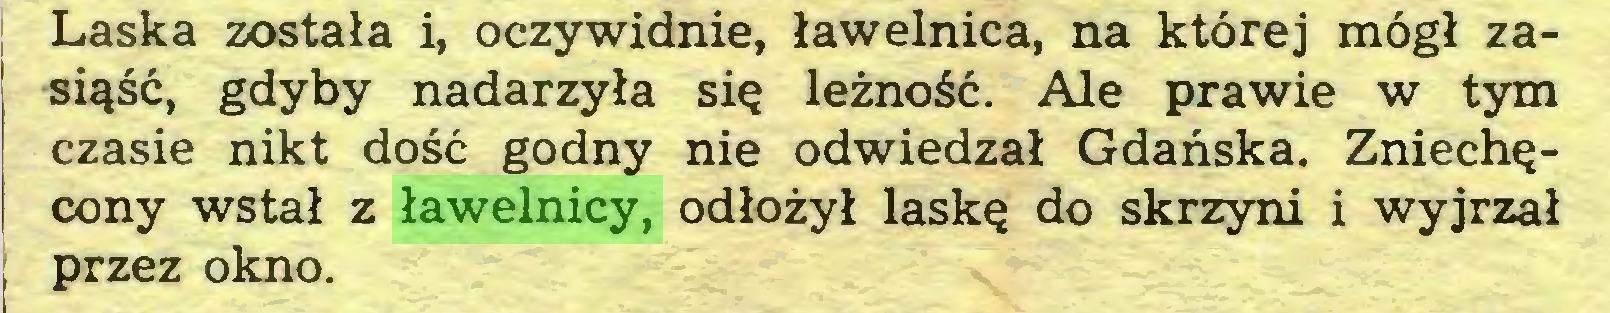 (...) Laska została i, oczywidnie, ławelnica, na której mógł zasiąść, gdyby nadarzyła się leżność. Ale prawie w tym czasie nikt dość godny nie odwiedzał Gdańska. Zniechęcony wstał z ławelnicy, odłożył laskę do skrzyni i wyjrzał przez okno...